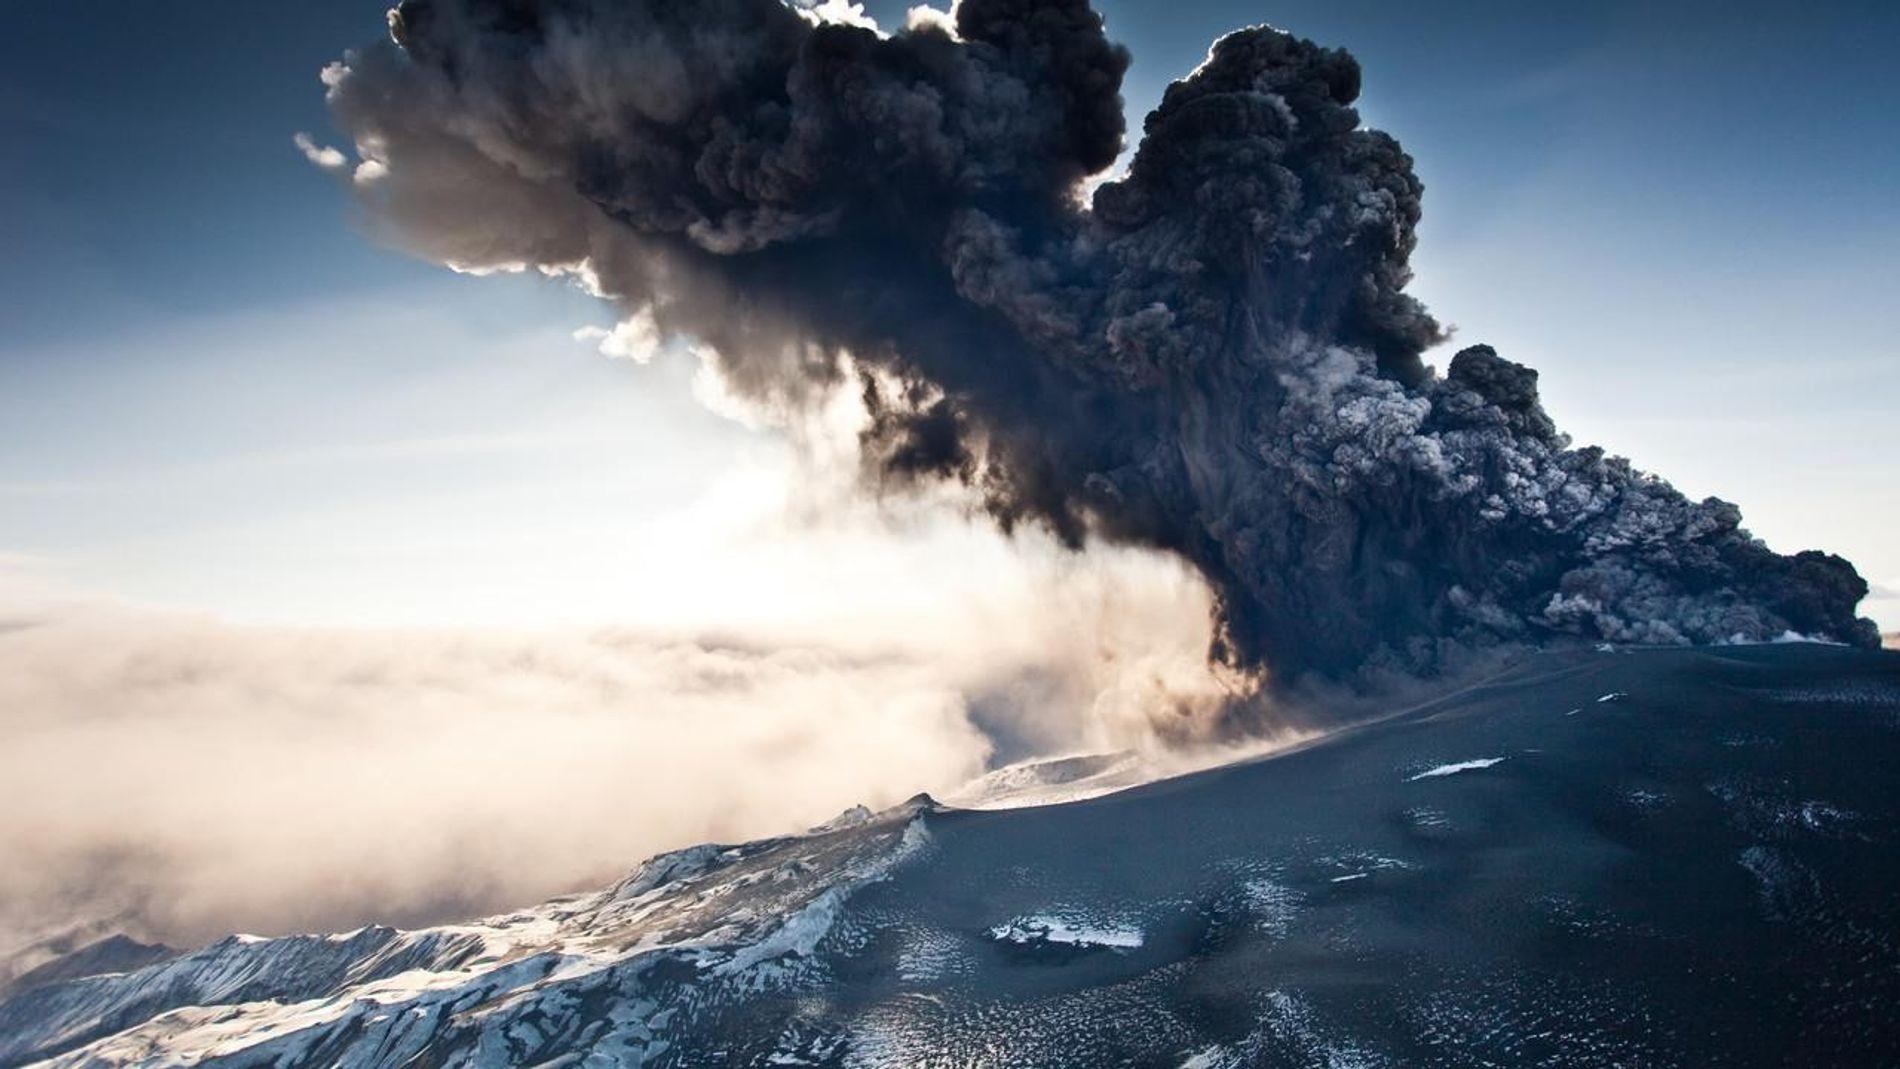 L'éruption dévastatrice du volcan islandais Eyjafjallajokull à la mi-avril a provoqué une perturbation massive du ciel au-dessus de l'Europe, en fermant l'espace aérien européen et en bloquant des centaines de milliers de passagers aériens dans le monde.